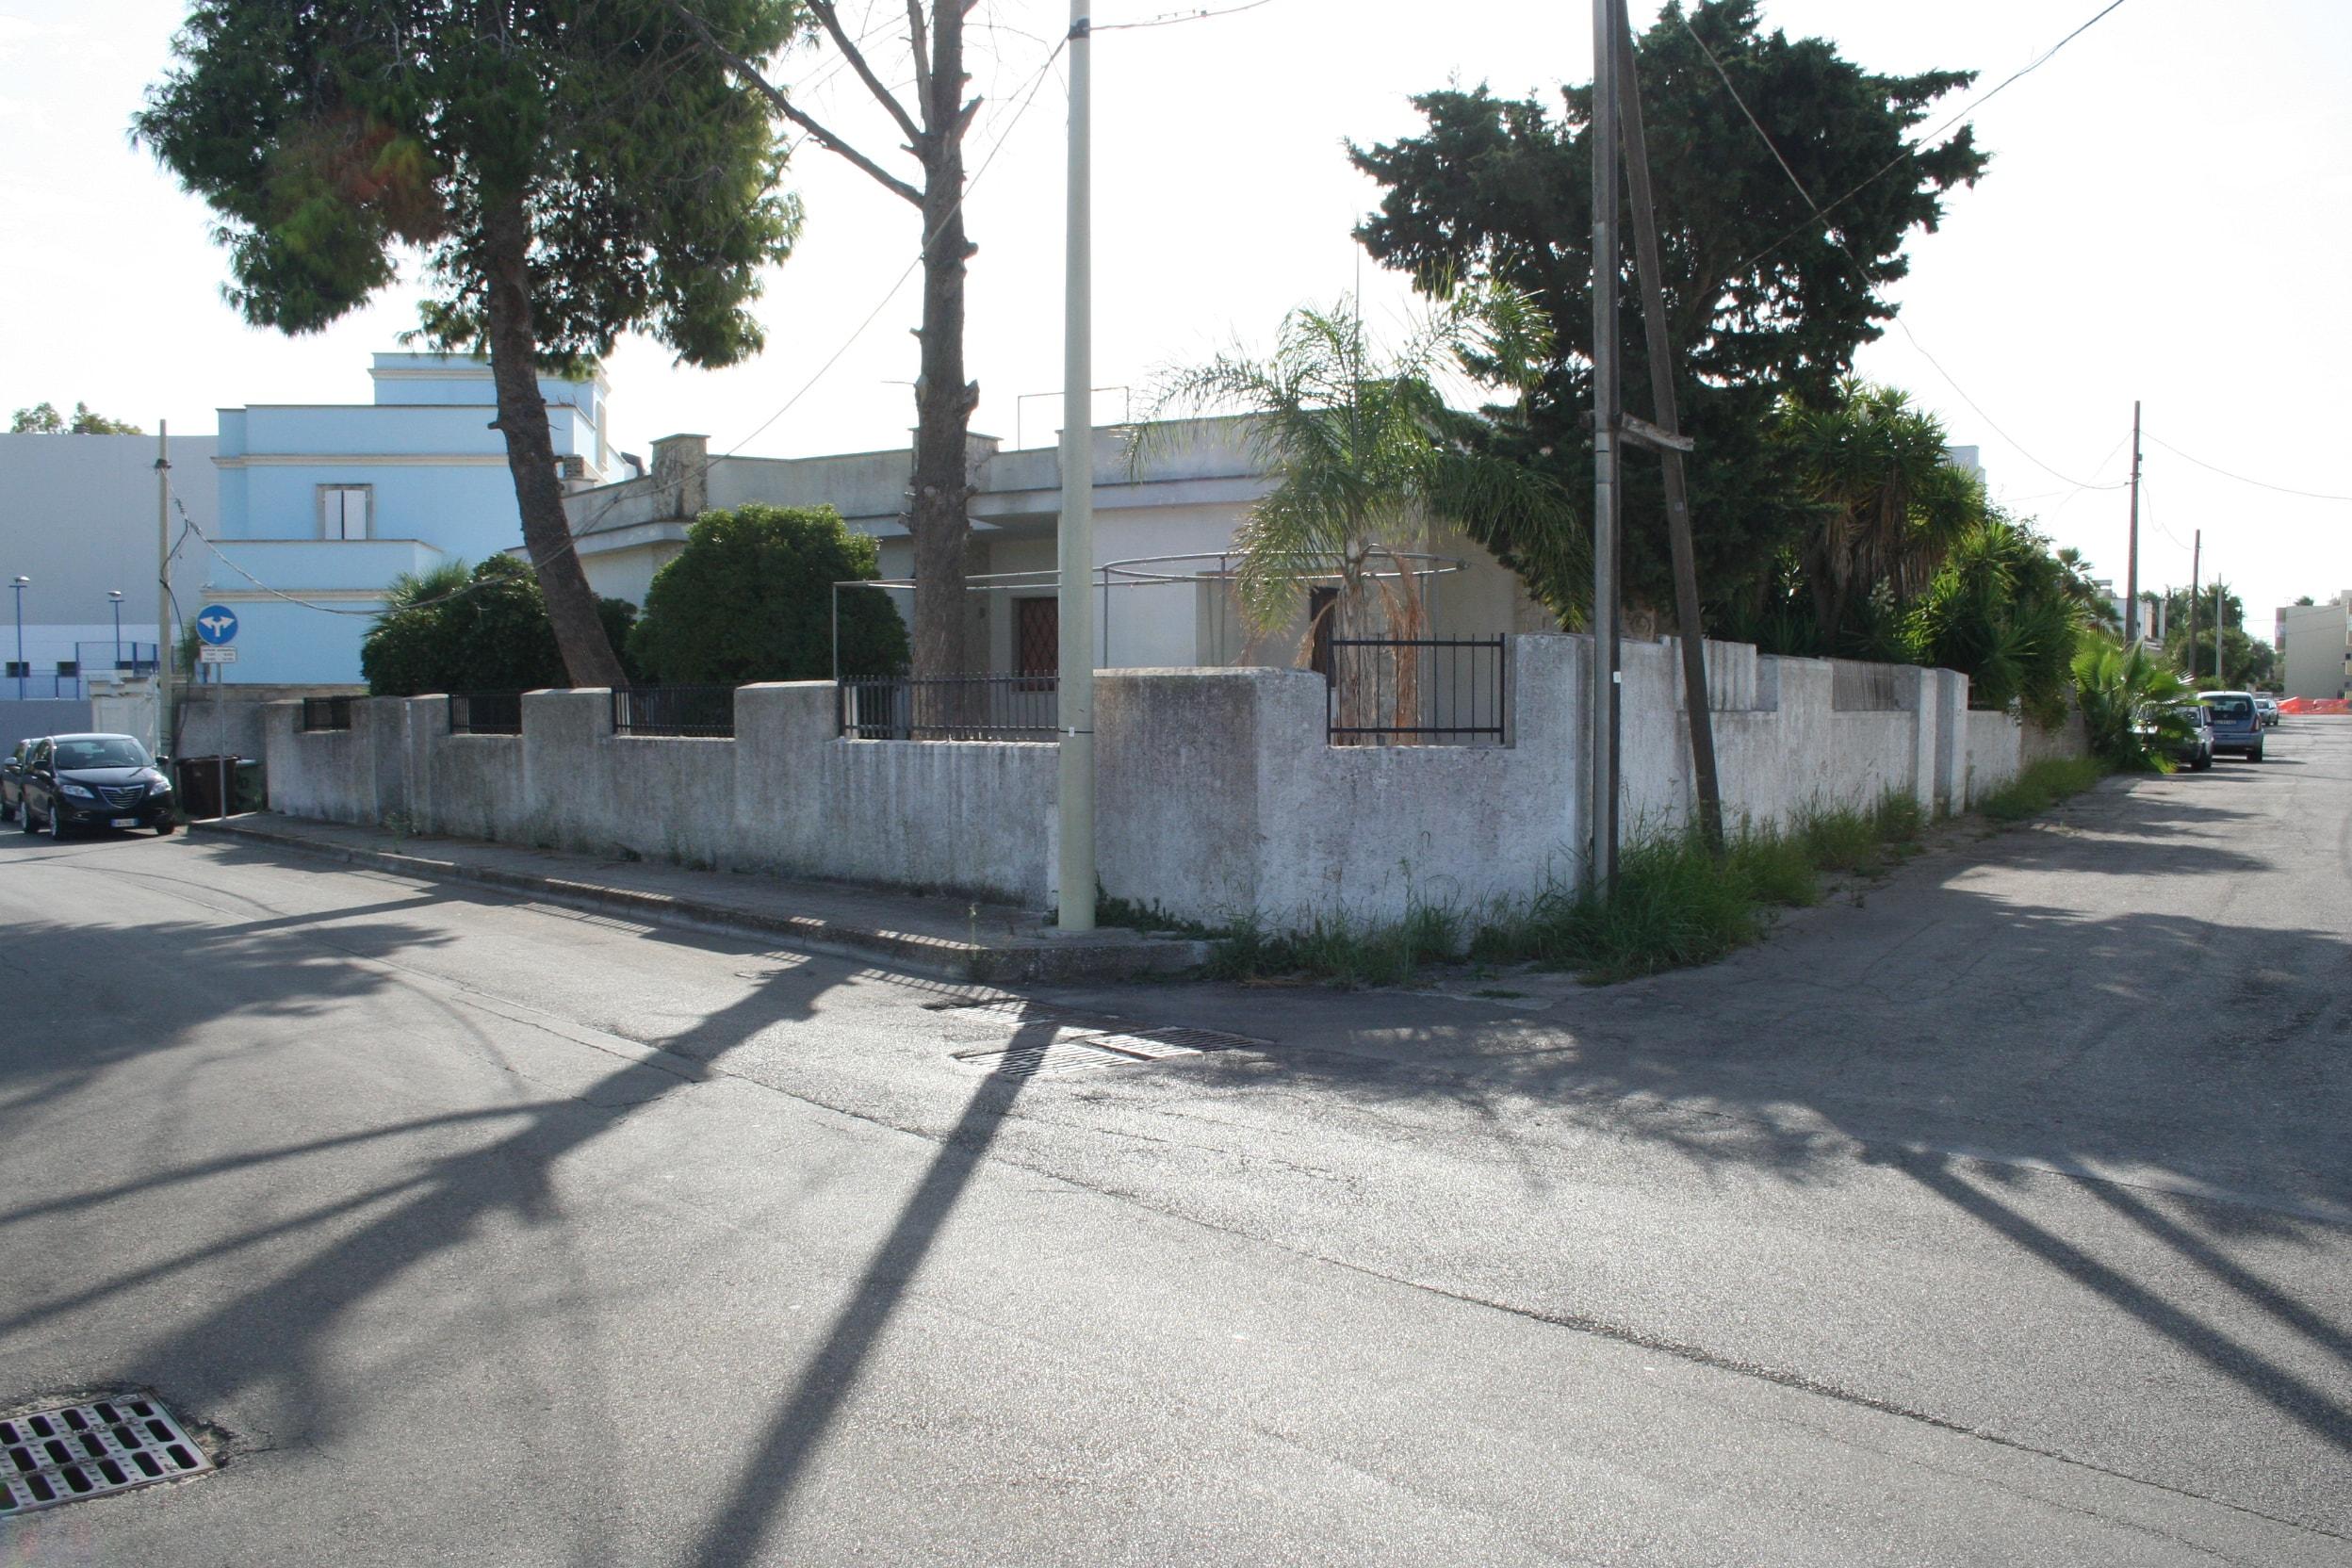 Villa singola di ampia metratura con esposizione angolare